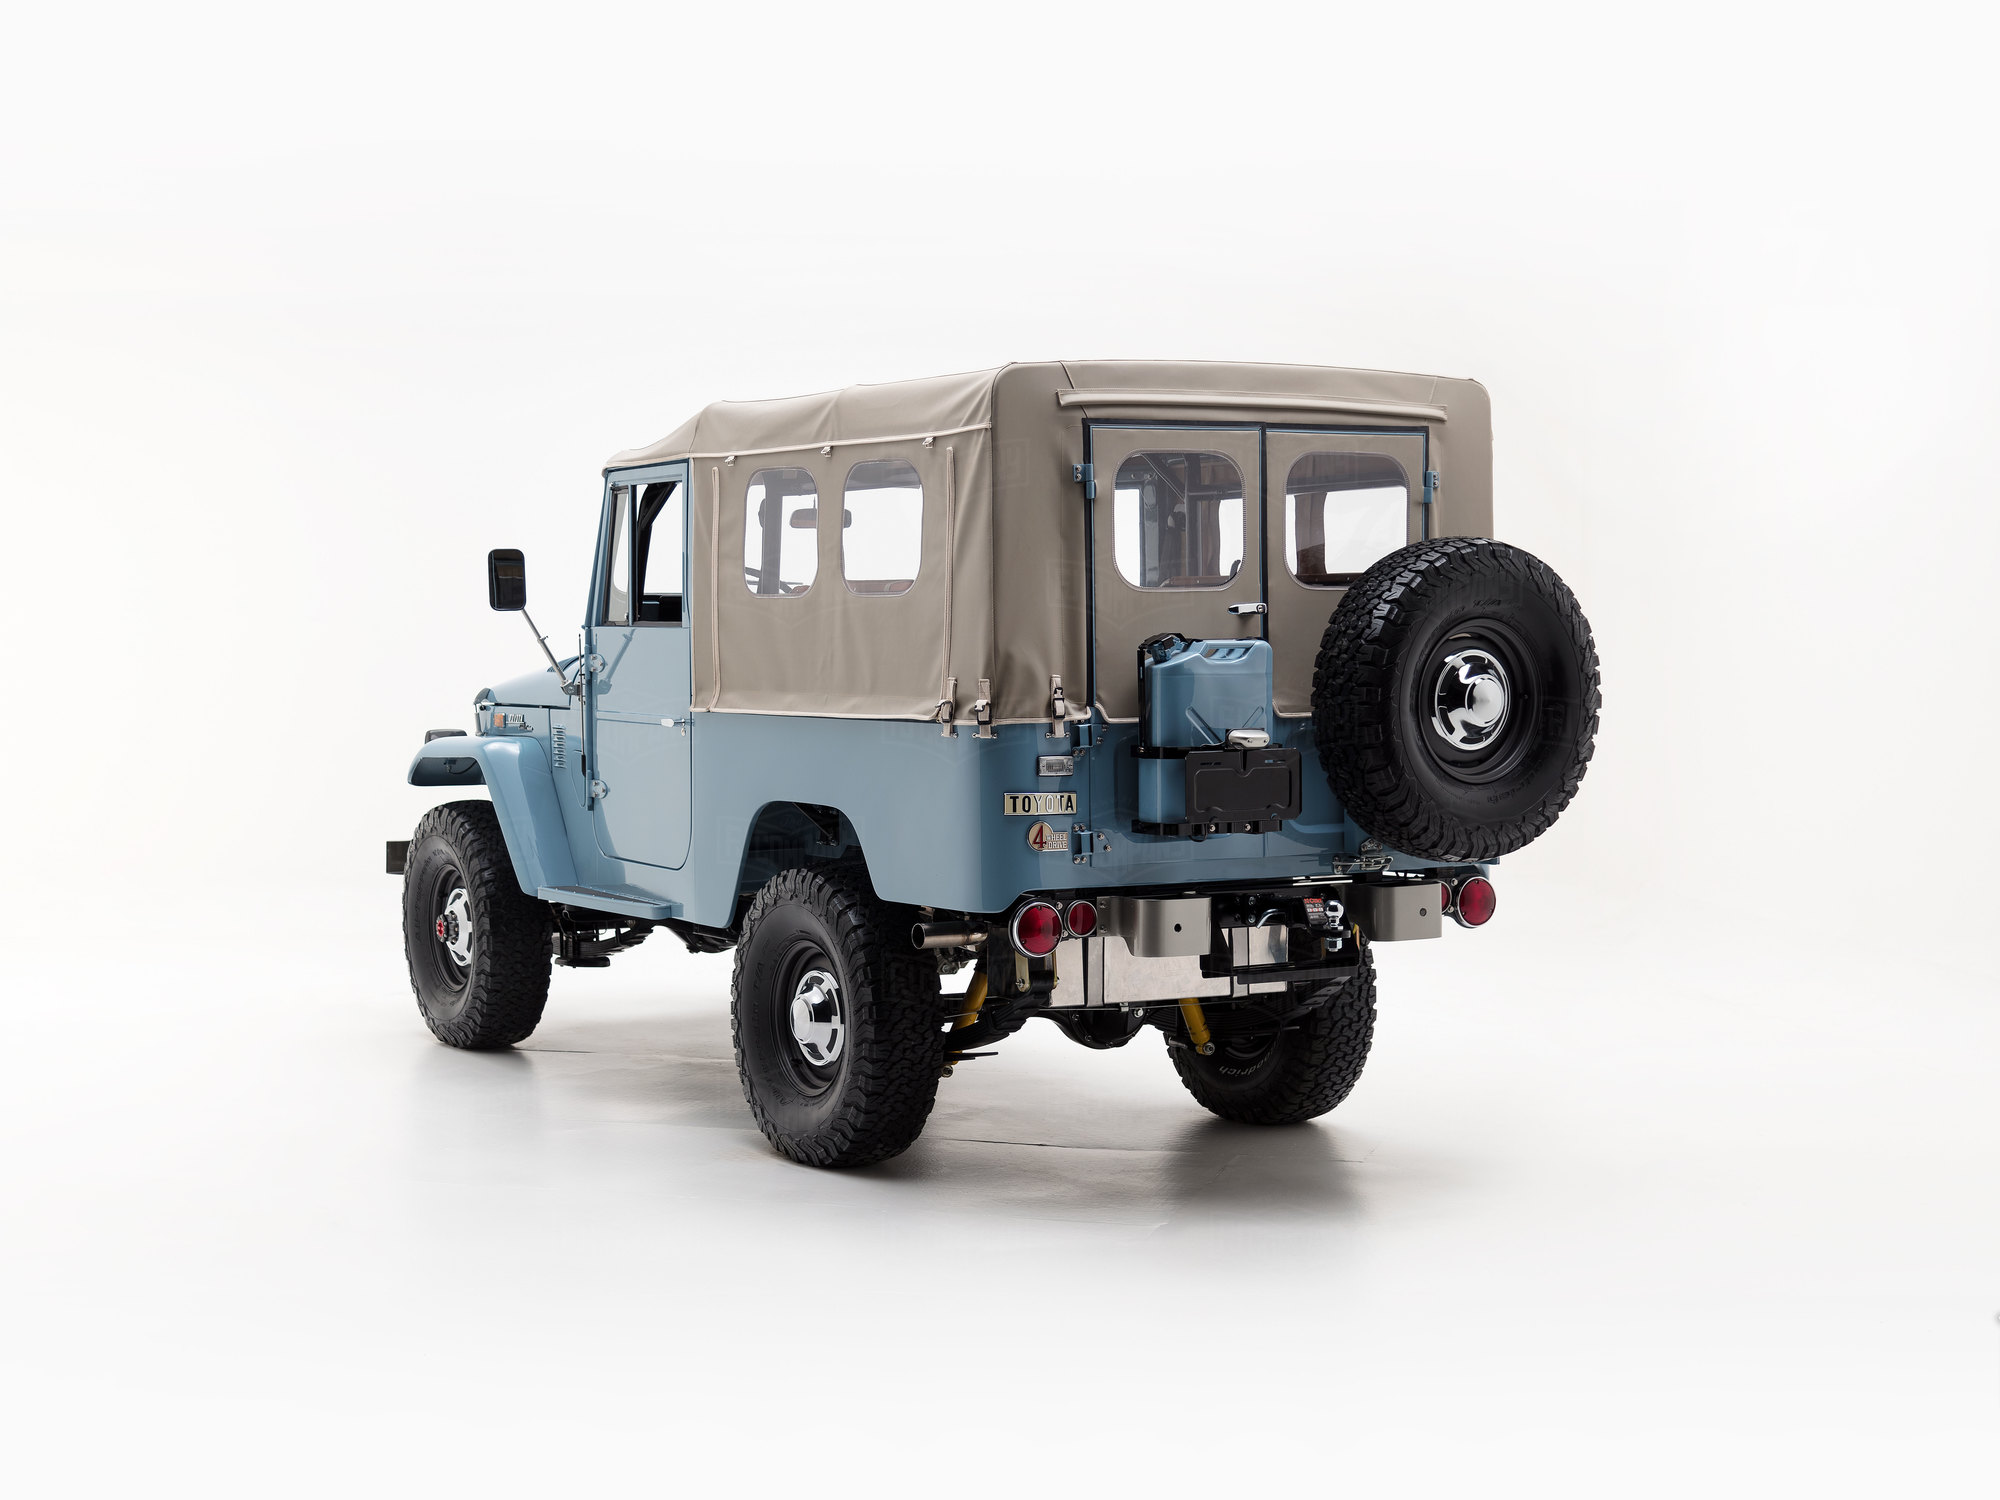 1973 Fj43 Capri Blue 25992 Toyota Land Cruiser The Fj Company